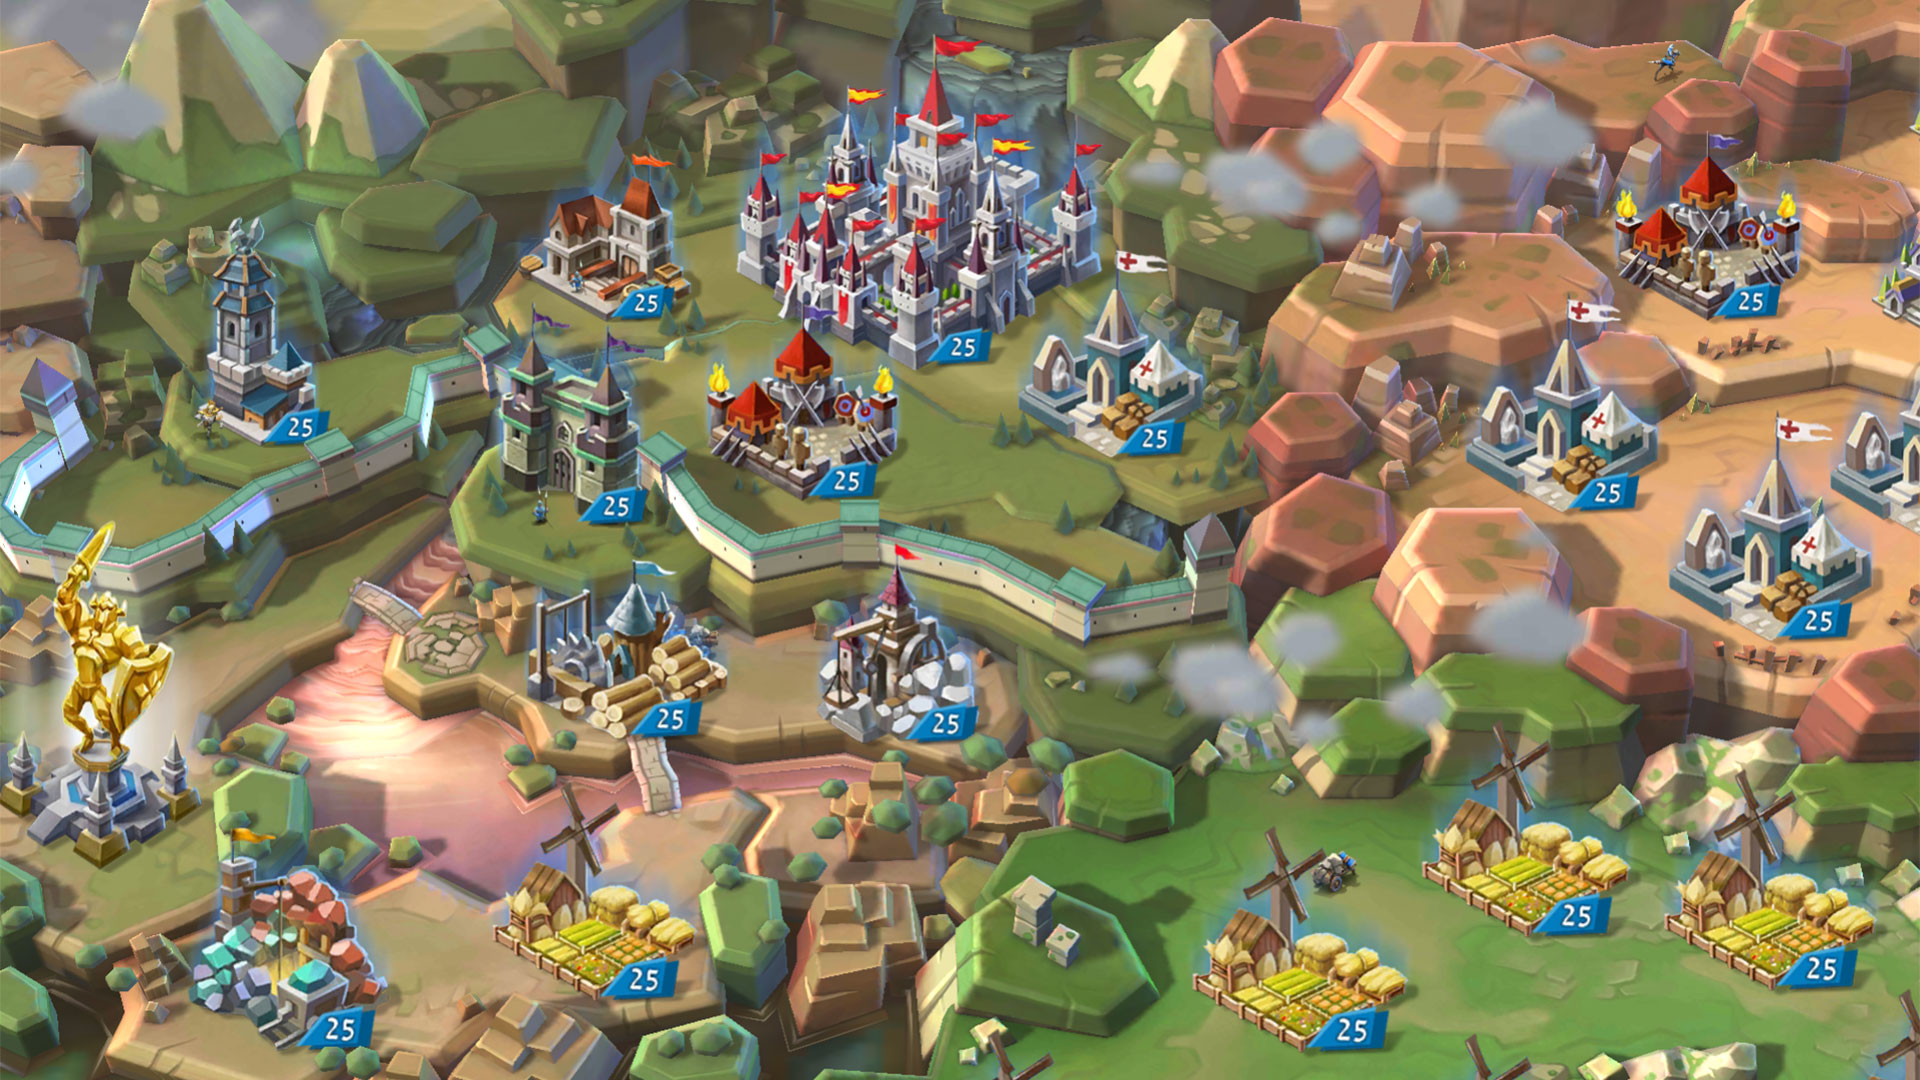 lords mobile, lords mobile oyunu, lords mobile nasıl oynanır